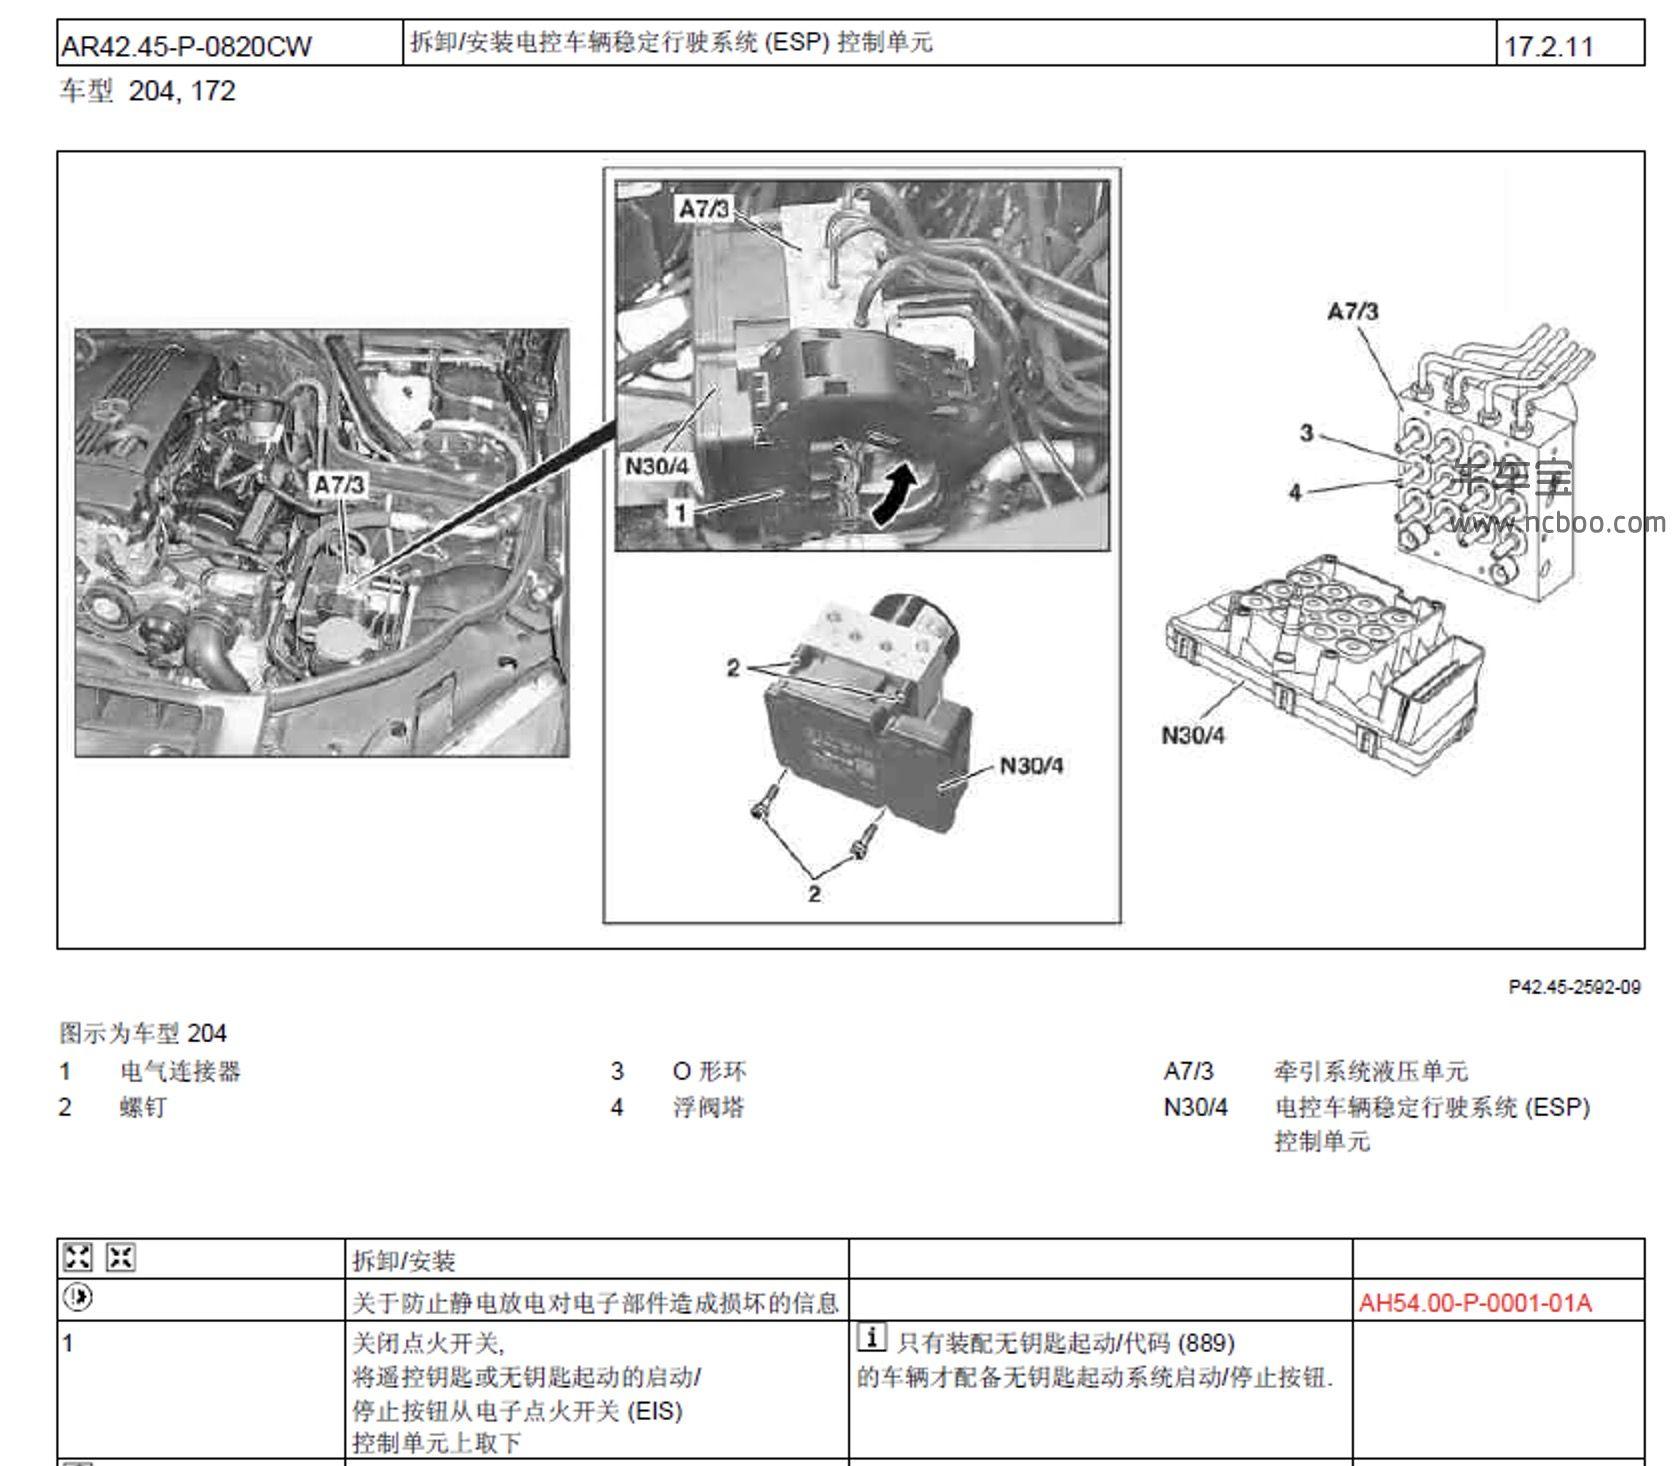 2008-2010款奔驰C280 3.0L原厂维修手册和电路图